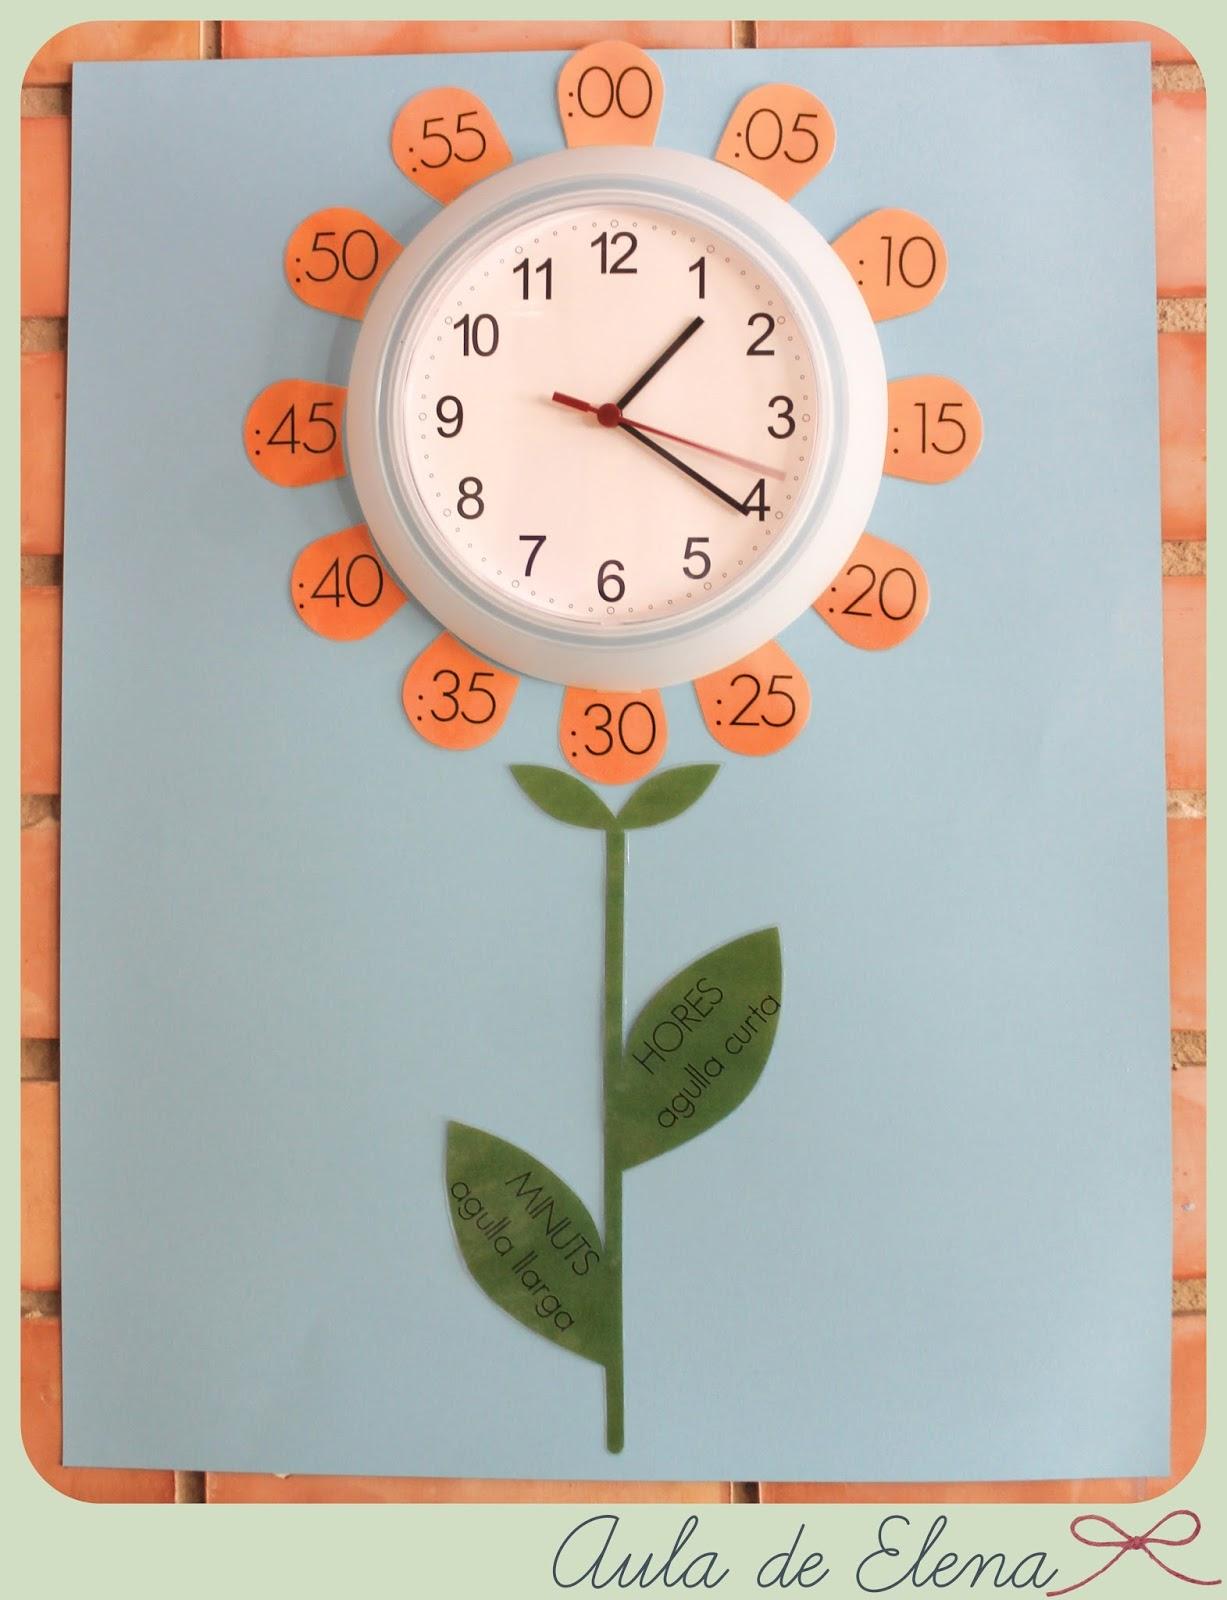 Decoraci n para el reloj del aula aula de elena - Relojes para decorar paredes ...